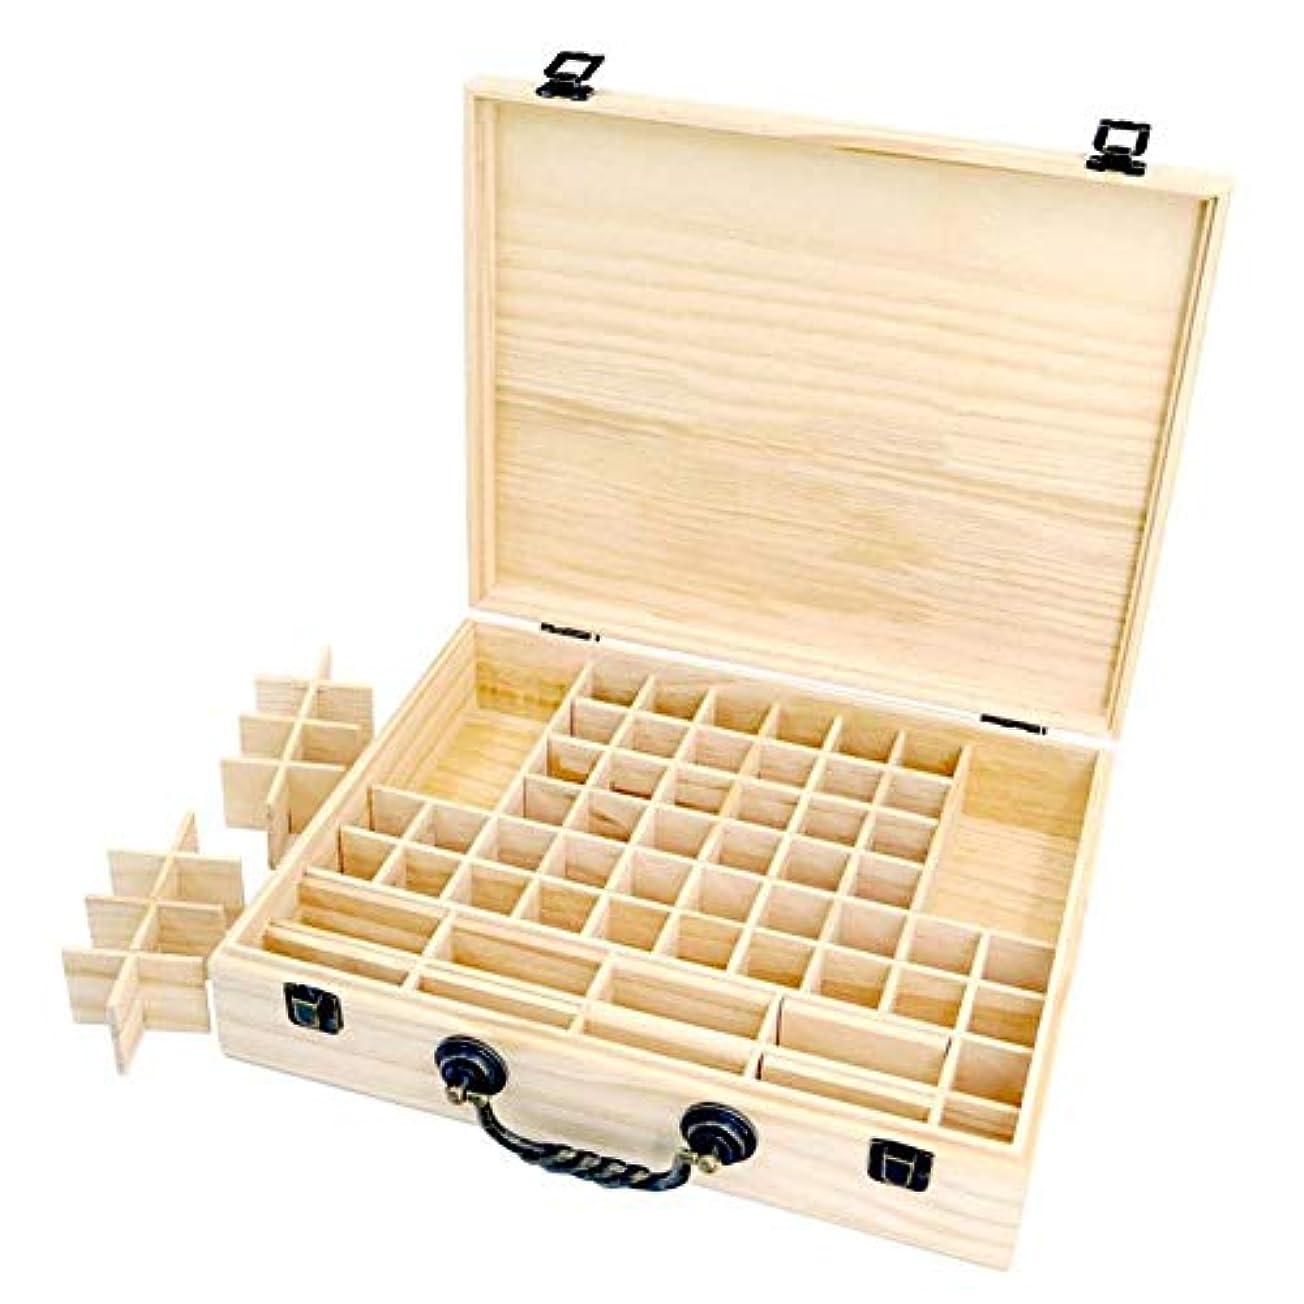 セーター決定的ルーチンエッセンシャルオイル収納ボックス 収納ケース 保存ボックス パイン製 取り外し可能なメッシュ 70グリッド 持ち運び便利 junexi